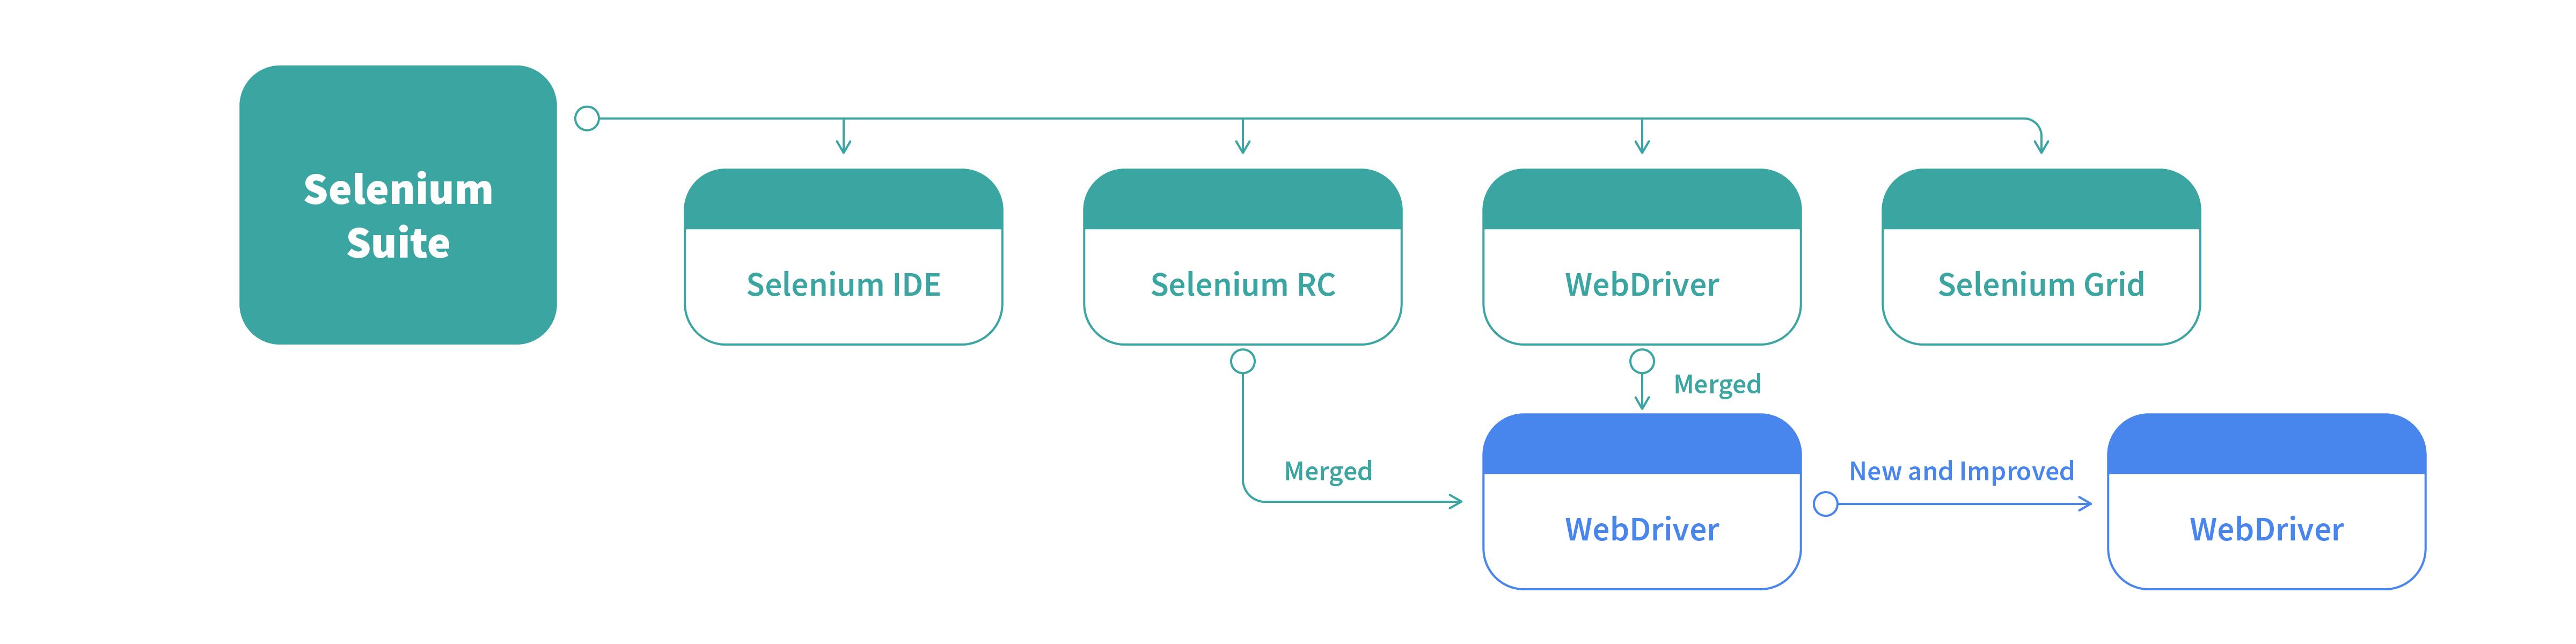 Selenium testing suite